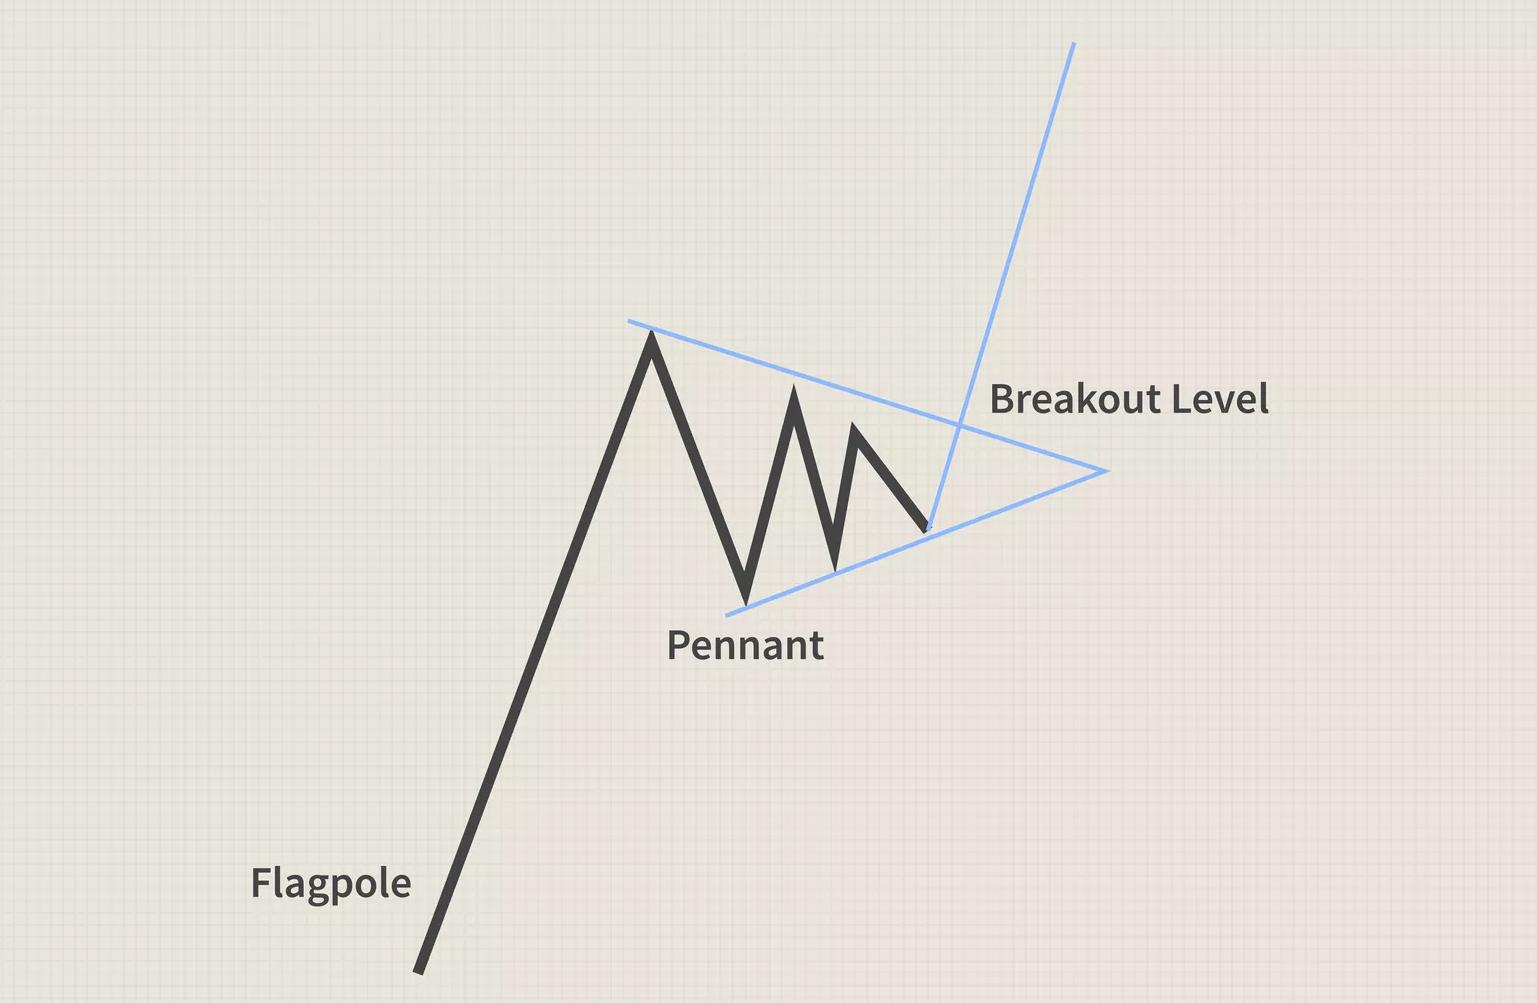 Mô hình Cờ đuôi nheo (Pennant) là gì? Đặc điểm Mô hình Cờ đuôi nheo - Ảnh 2.